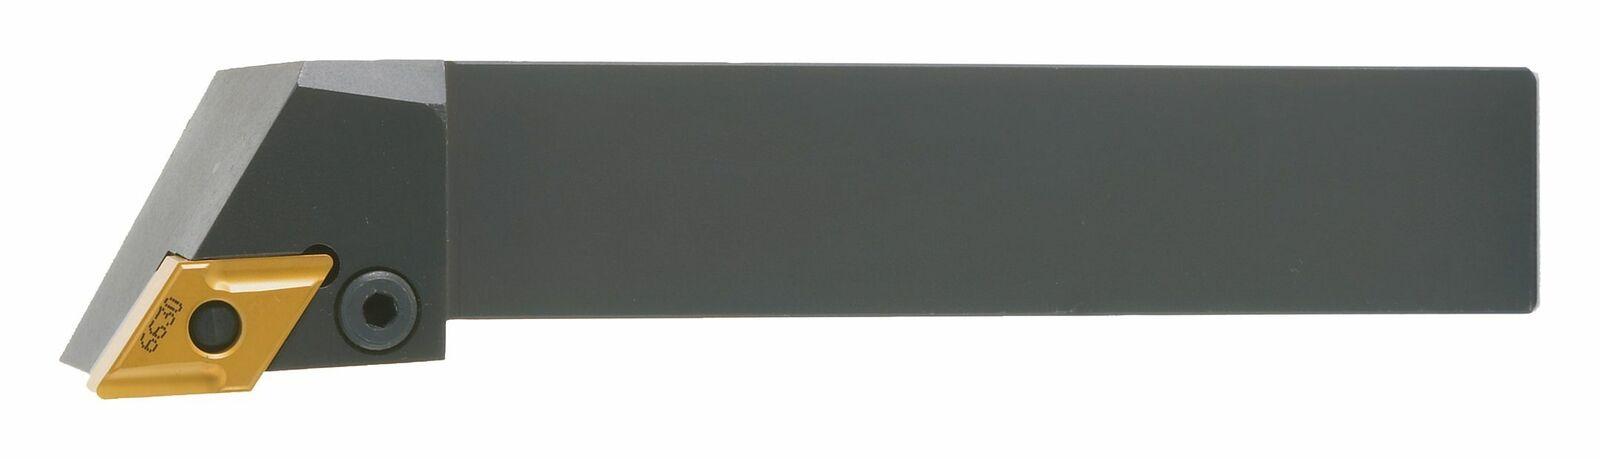 Klemmhalter 93 Grad PDJNR 2525 M 15